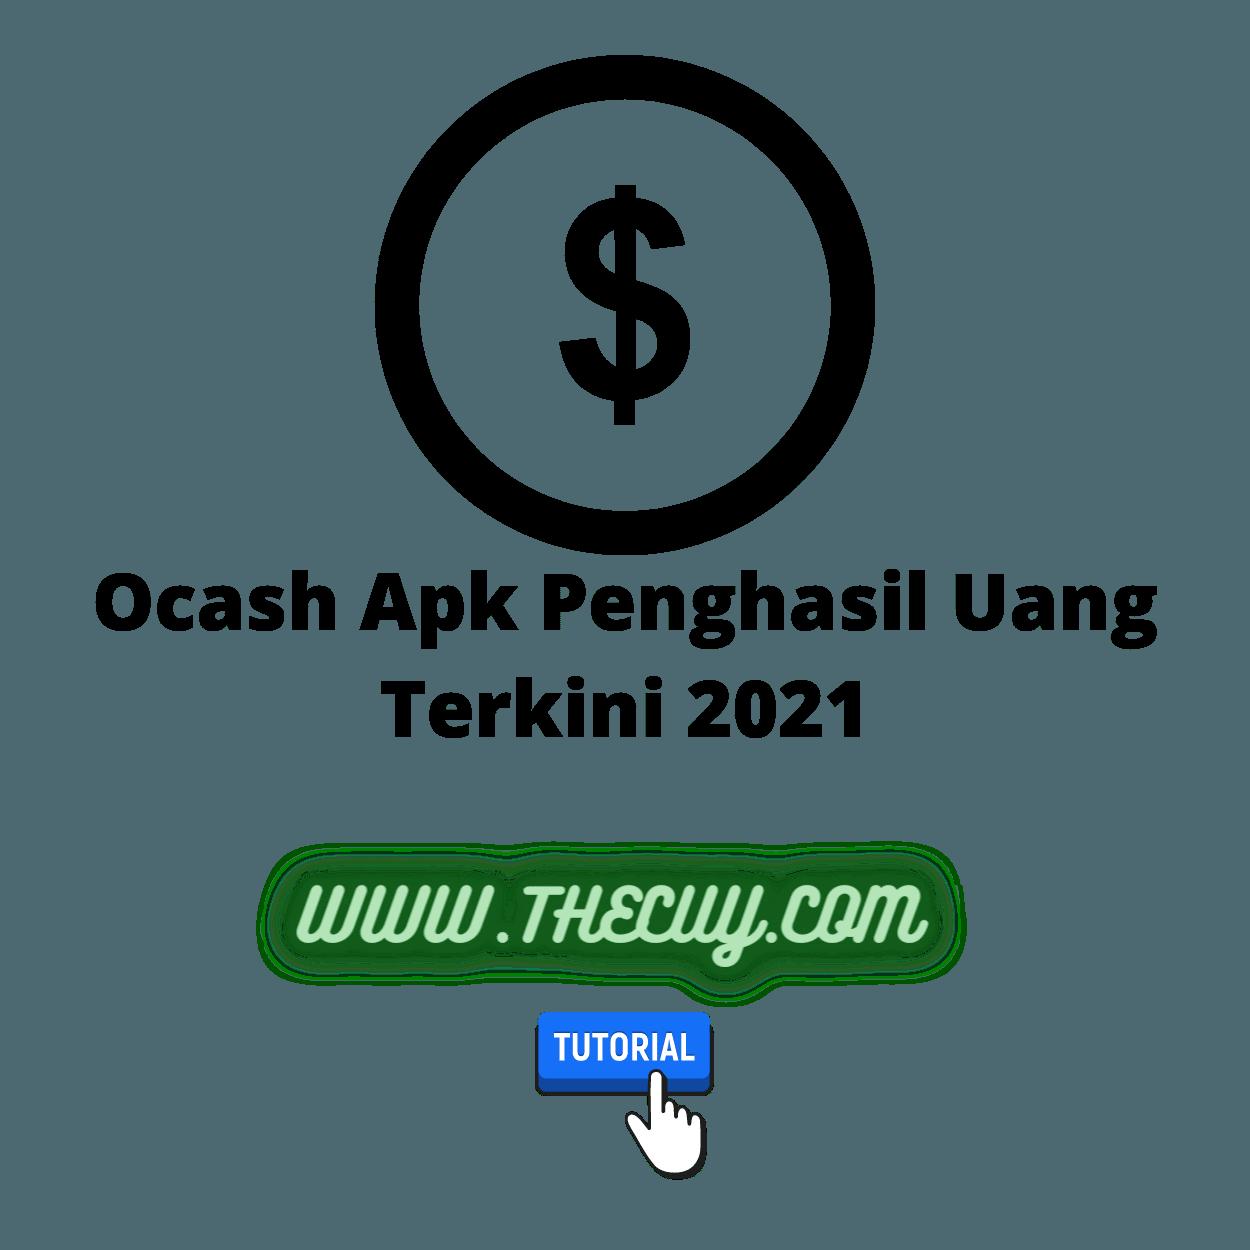 Ocash Apk Penghasil Uang Terkini 2021